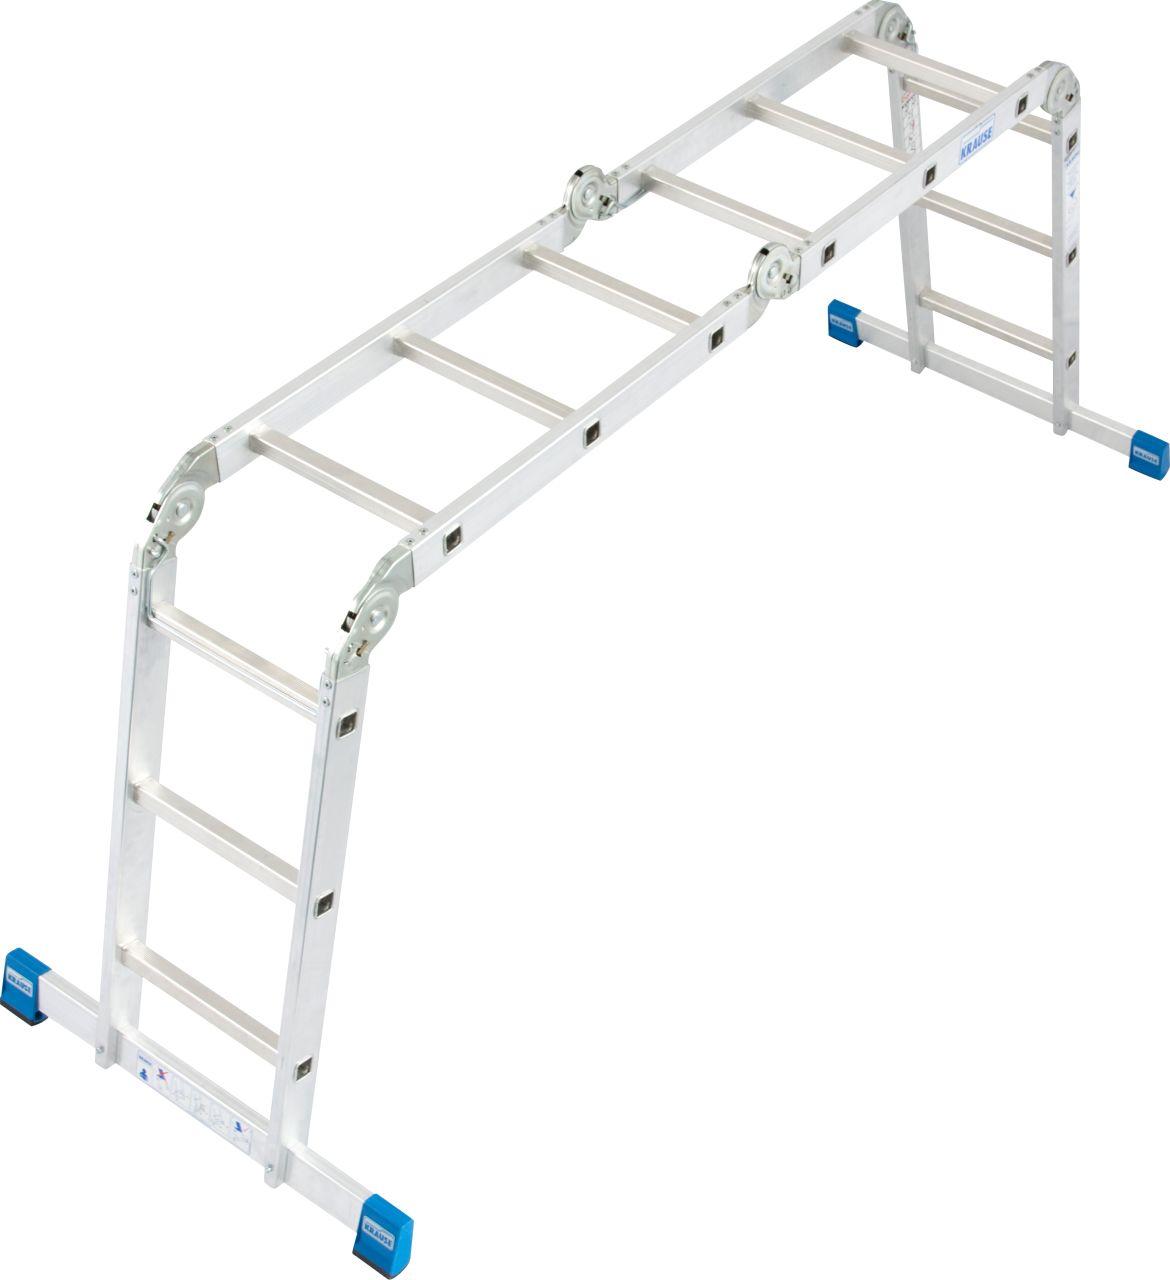 Универсальная шарнирная лестница. Данную многофункциональную шарнирную лестницу Вы можете использовать как приставную лестницу, стремянку или подмости.